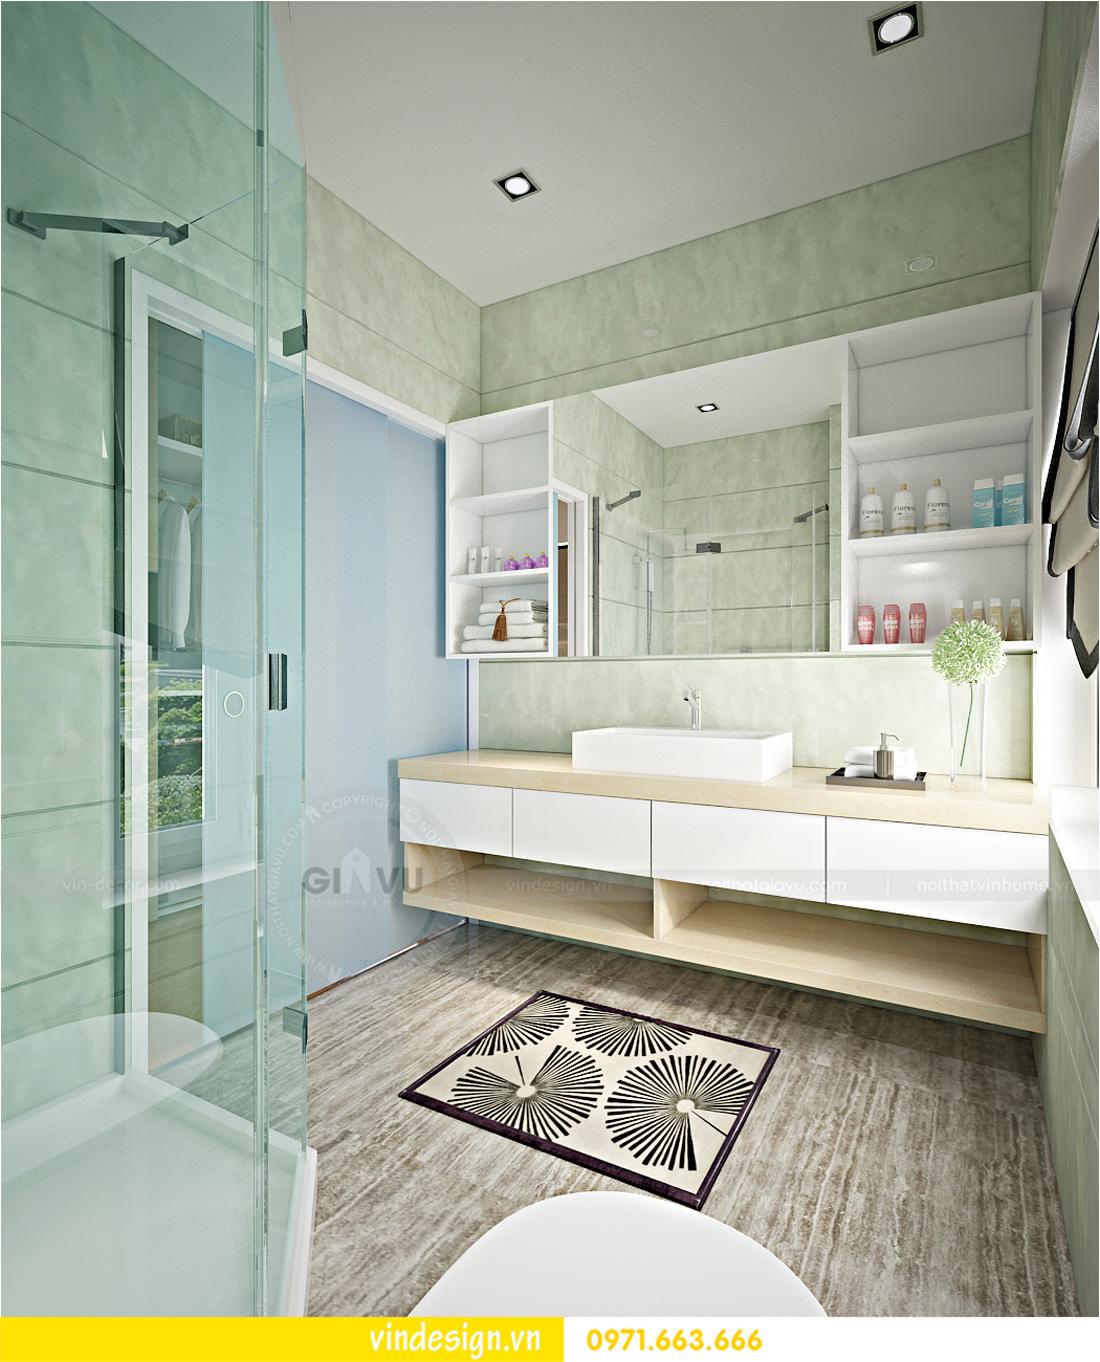 thiết kế nội thất Vinhomes Riverside Anh Đào 03-21 18